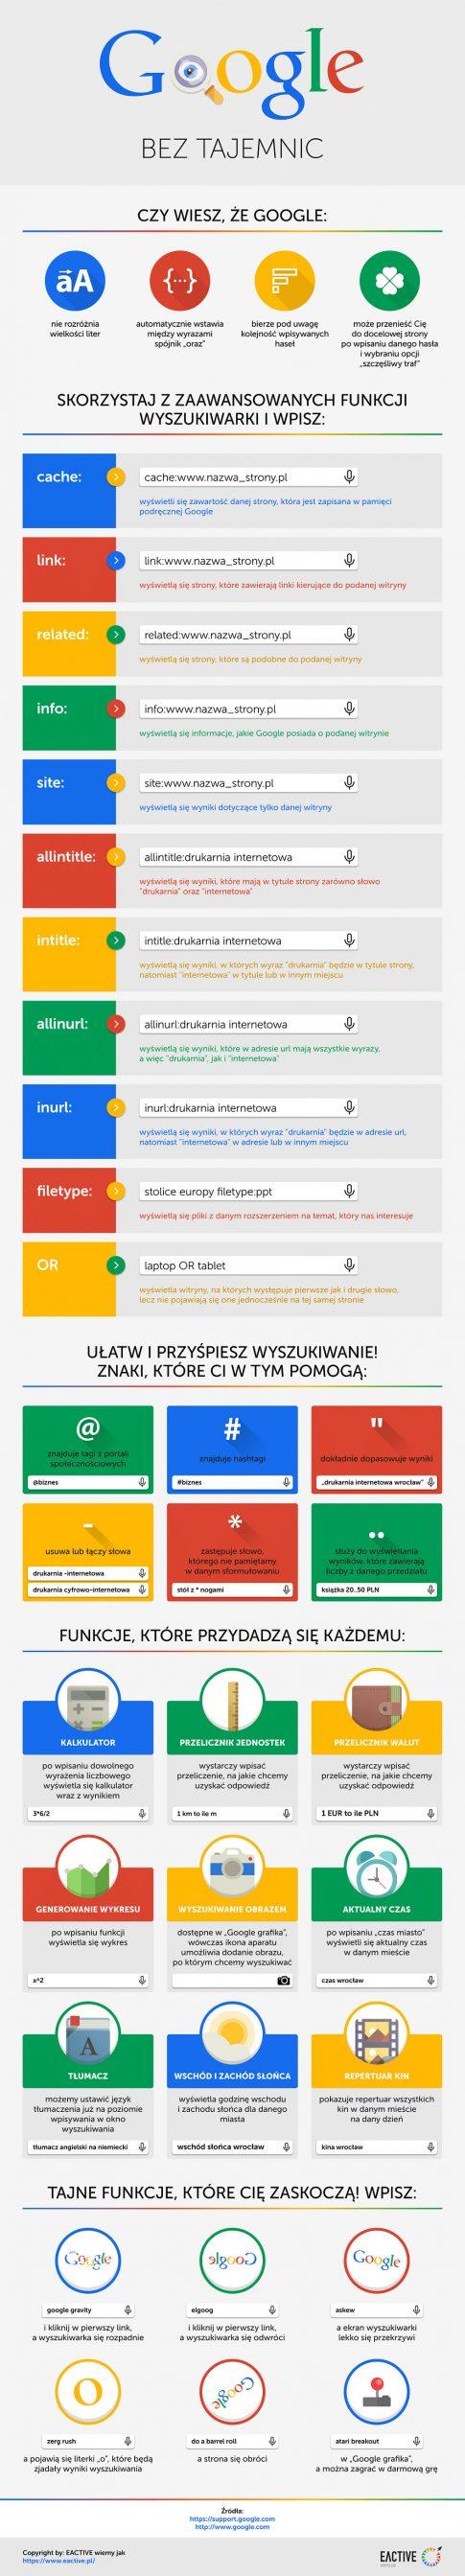 Zaawansowane funkcje Google / fot. eactive.pl